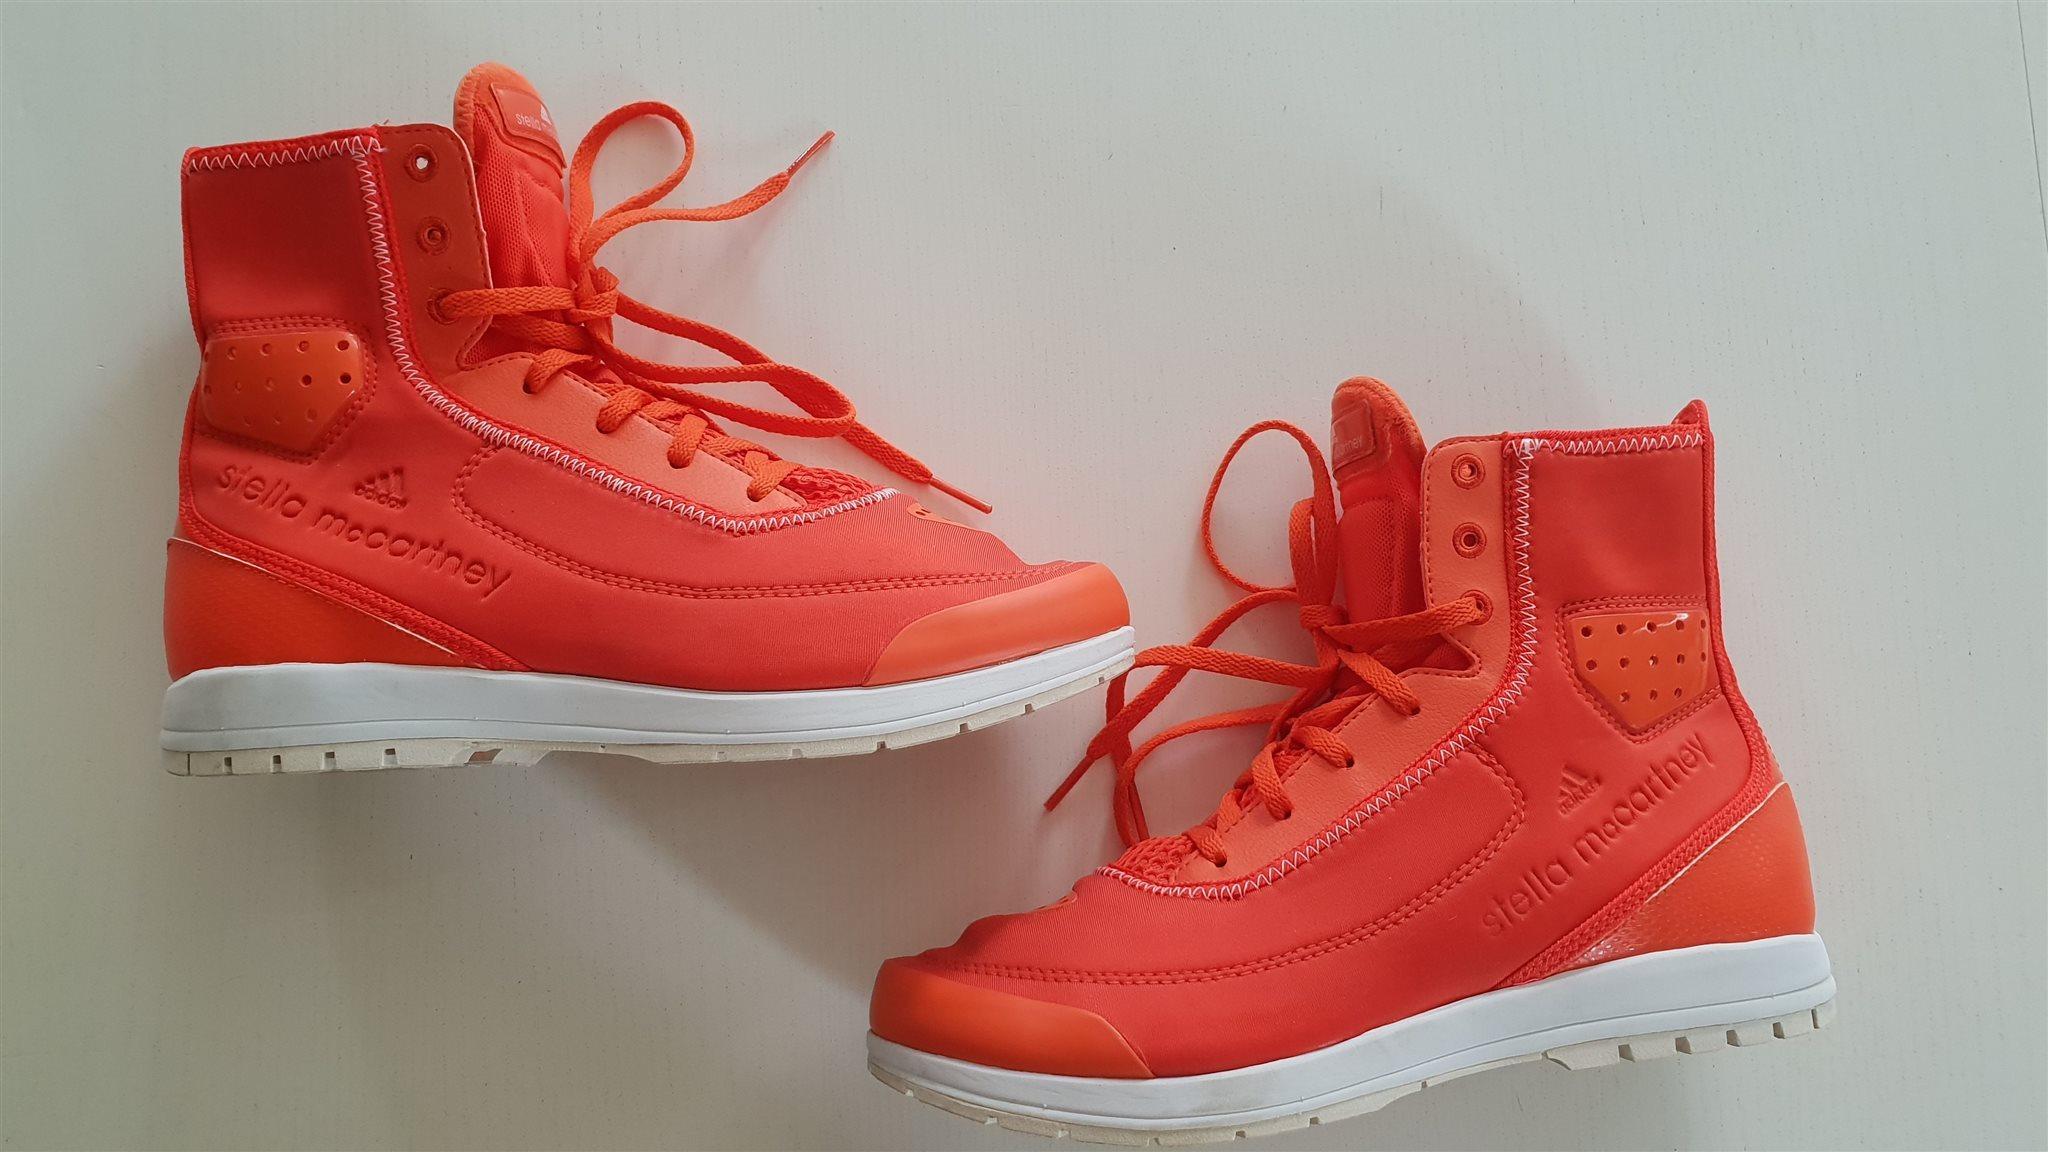 new style 5d630 f89ed McCartney Stella Adidas Adidas skor Stella 317652524 qBx4x8